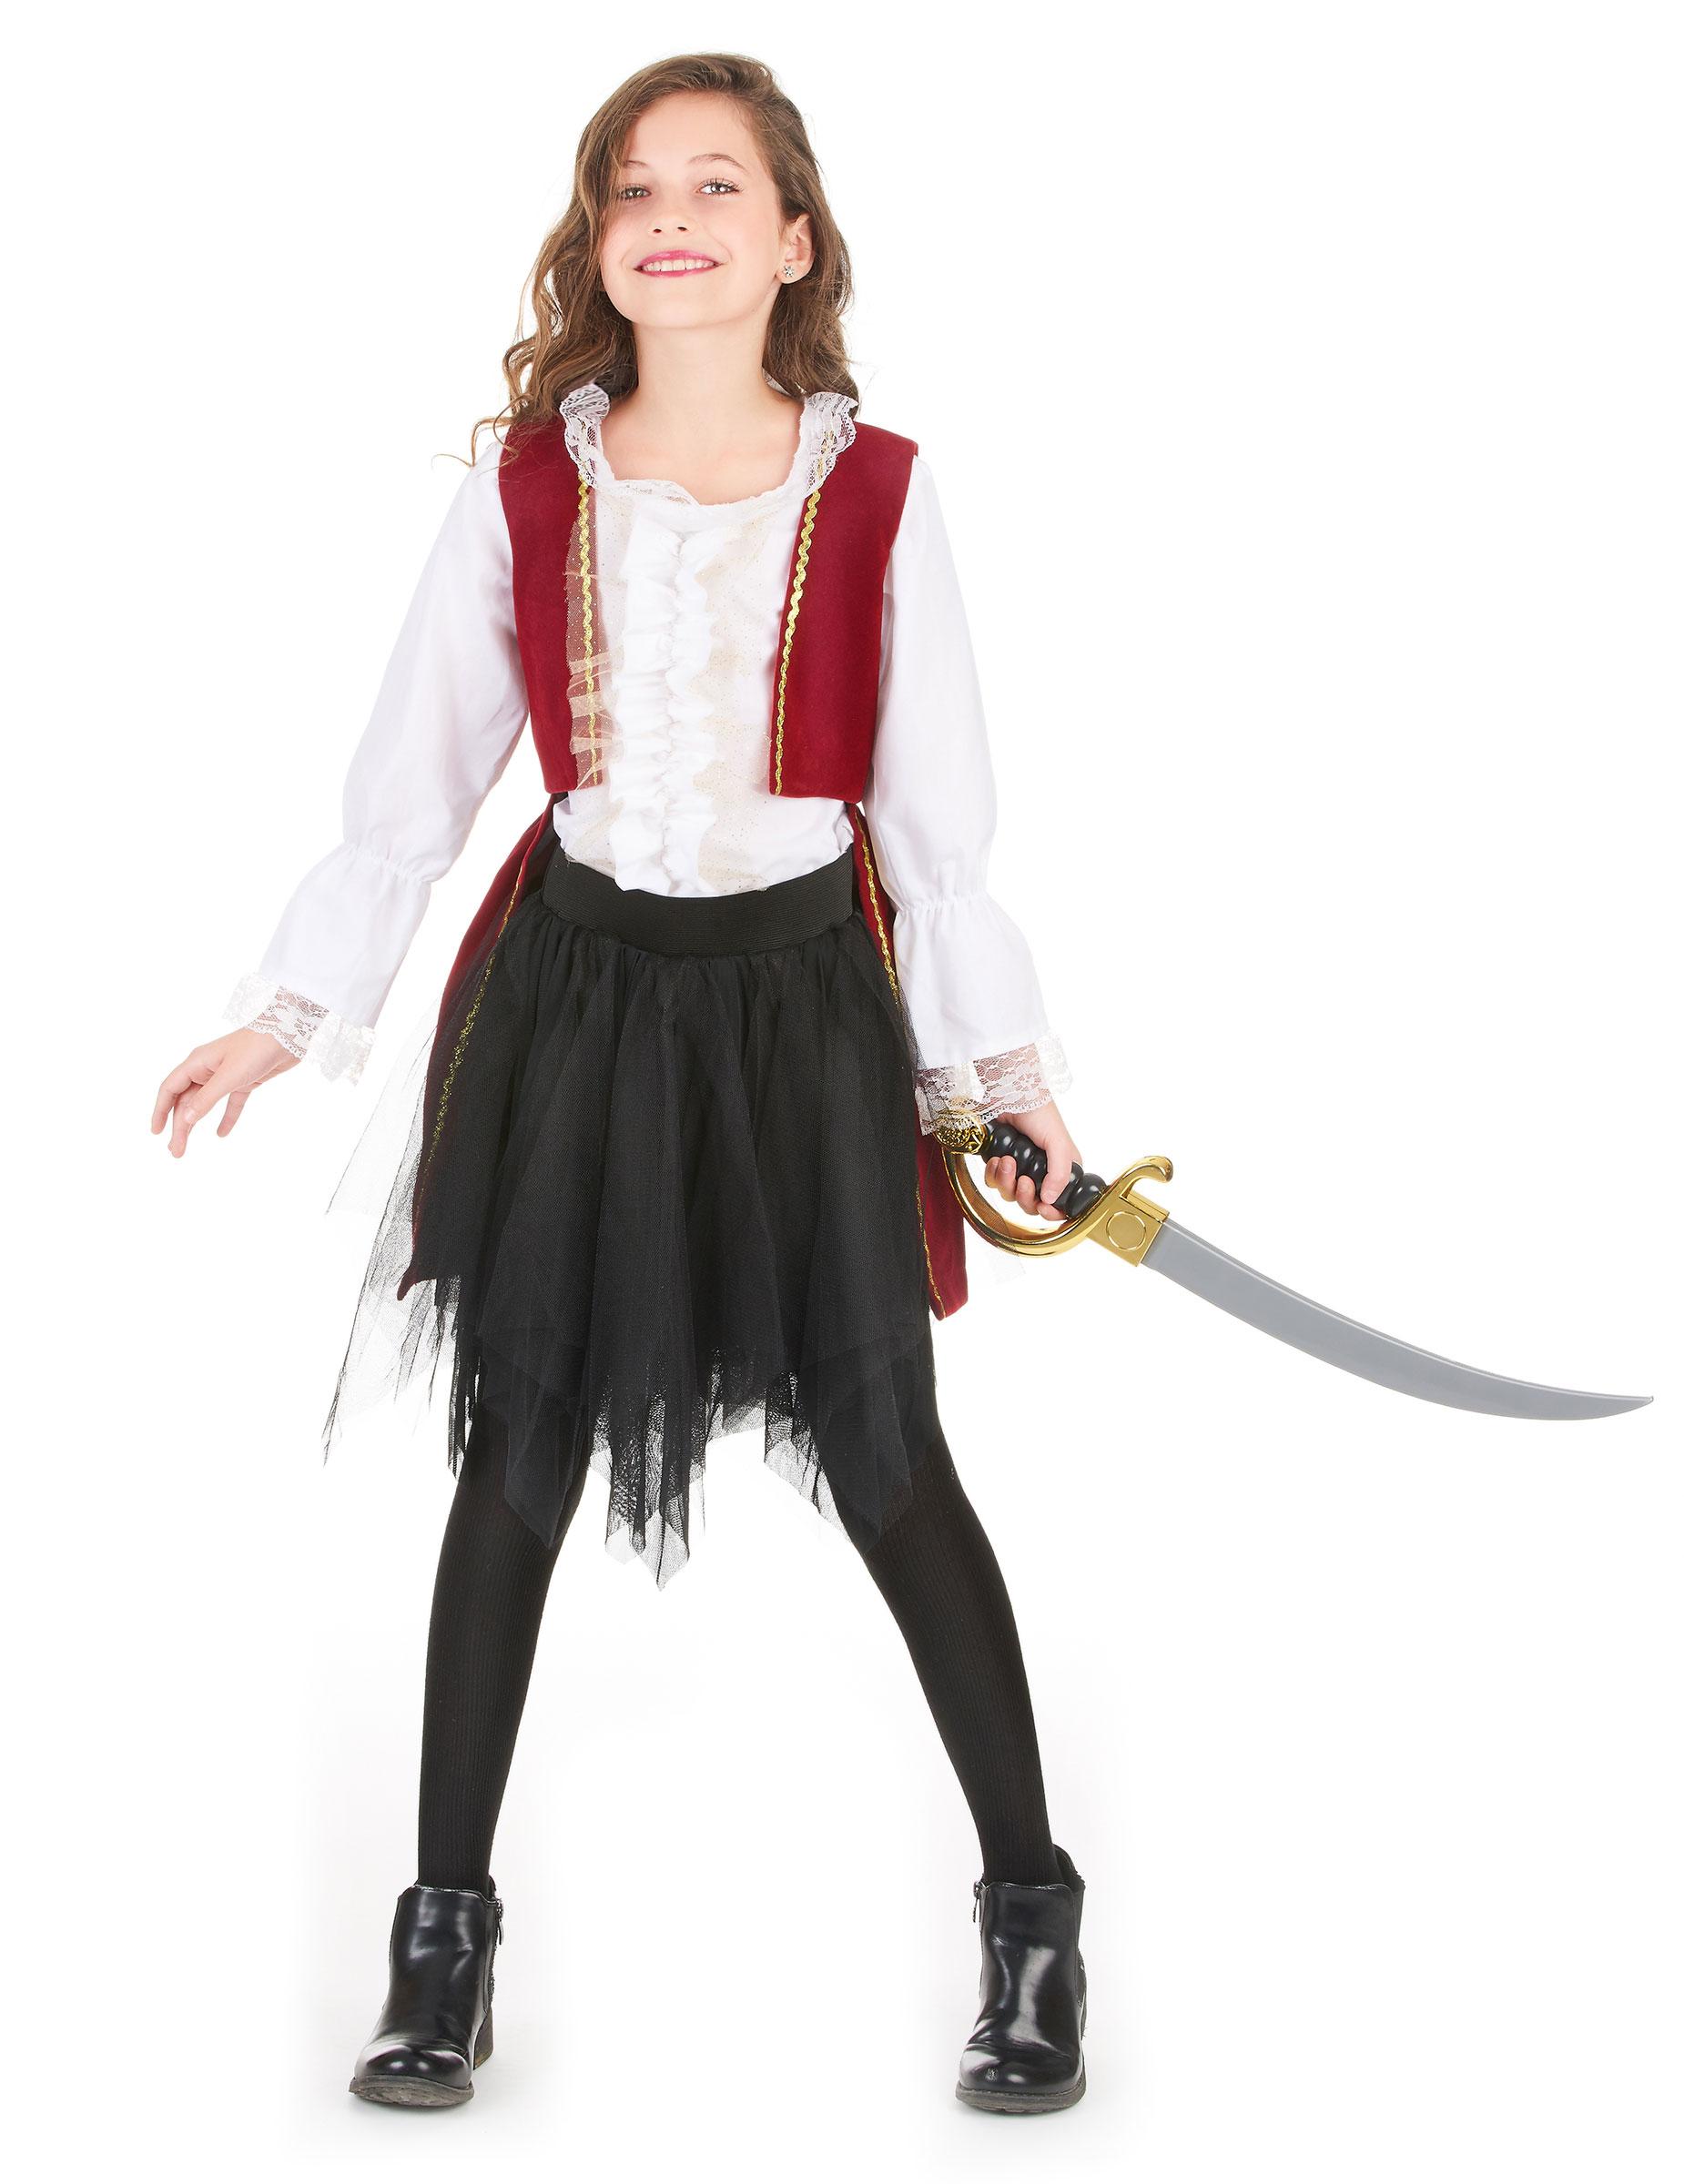 ma non volgare vari stili adatto a uomini/donne Costume da piratessa in velluto per bambina